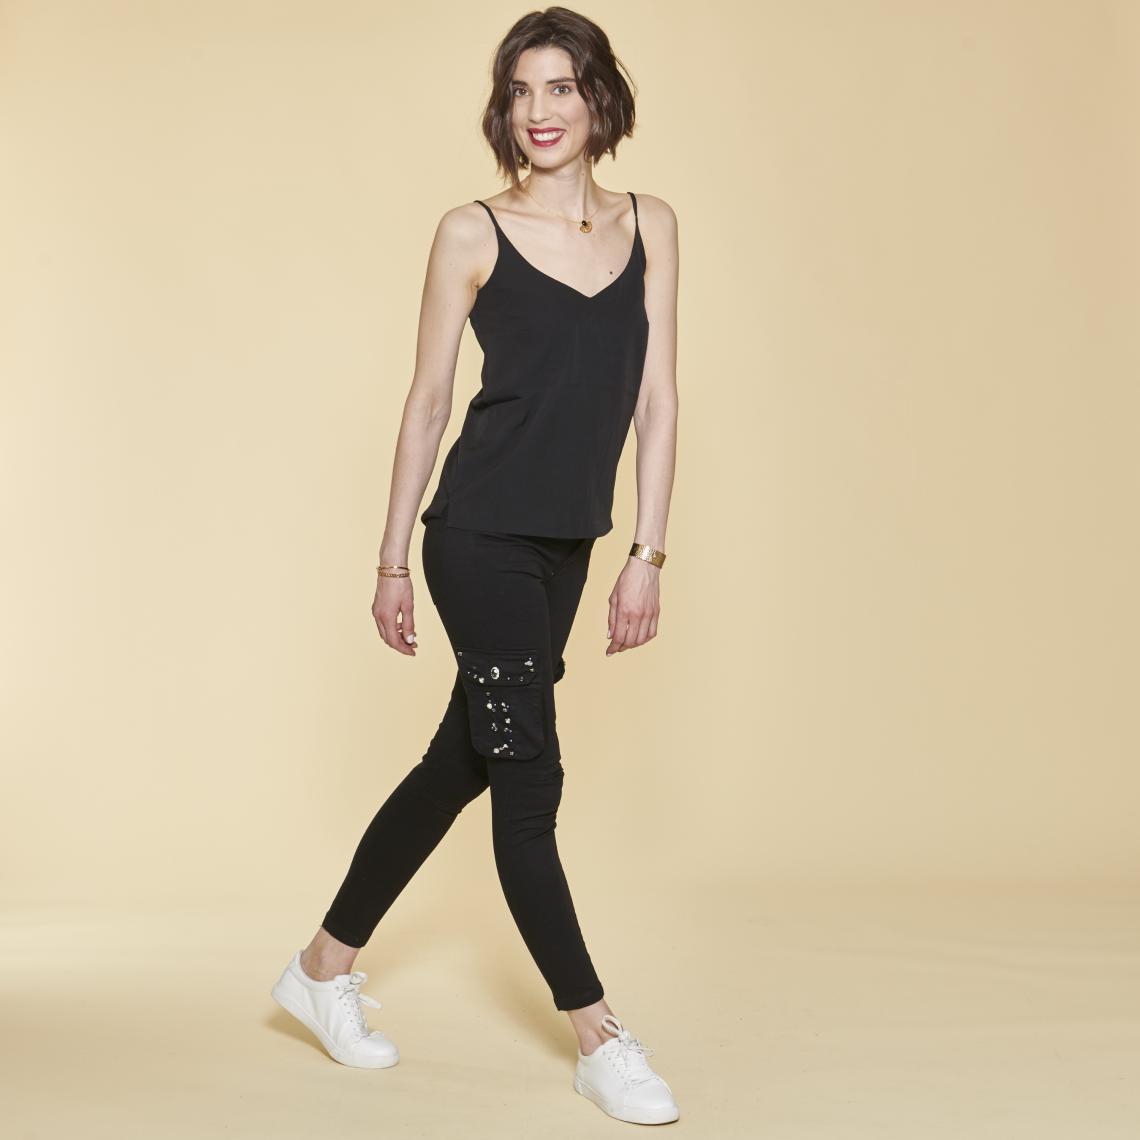 Pantalon cargo sur chevilles poches latérales et coutures genoux - 3 SUISSES - Modalova